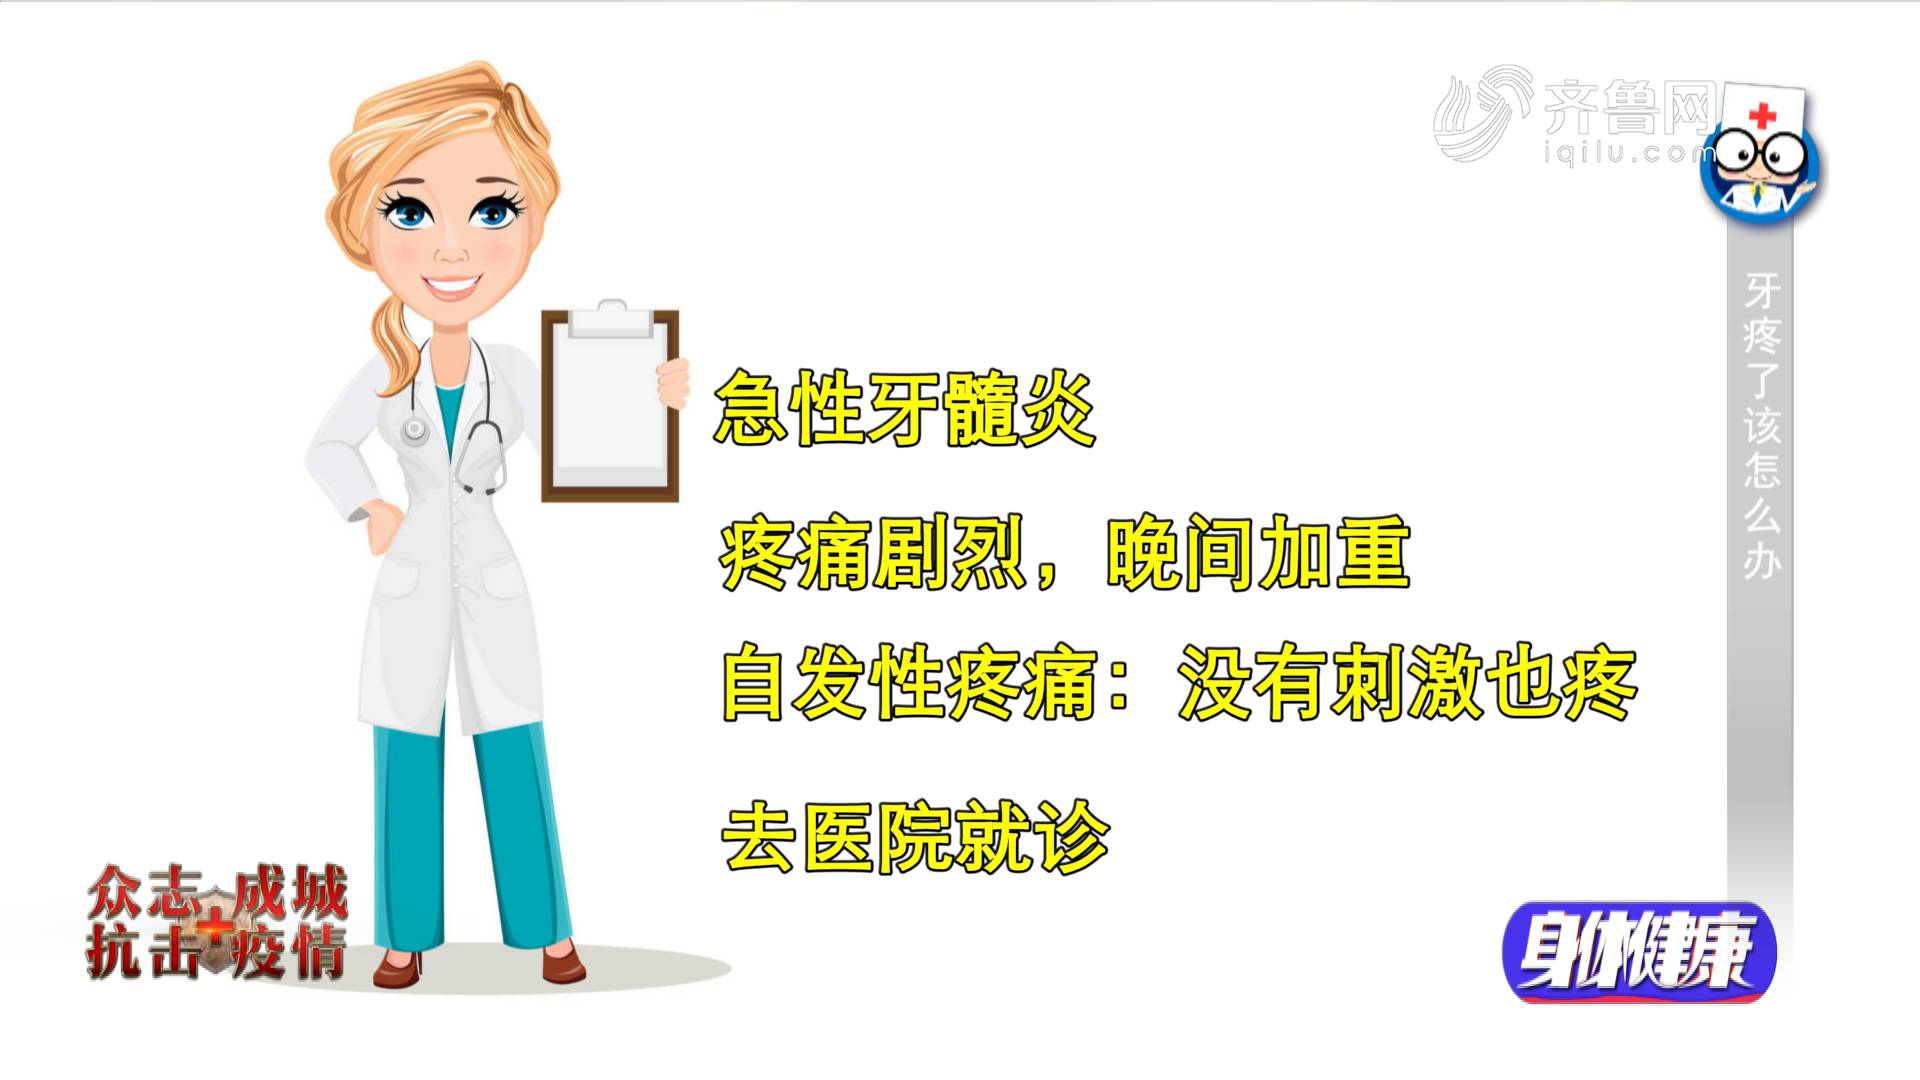 疫情期间牙疼了怎么办?